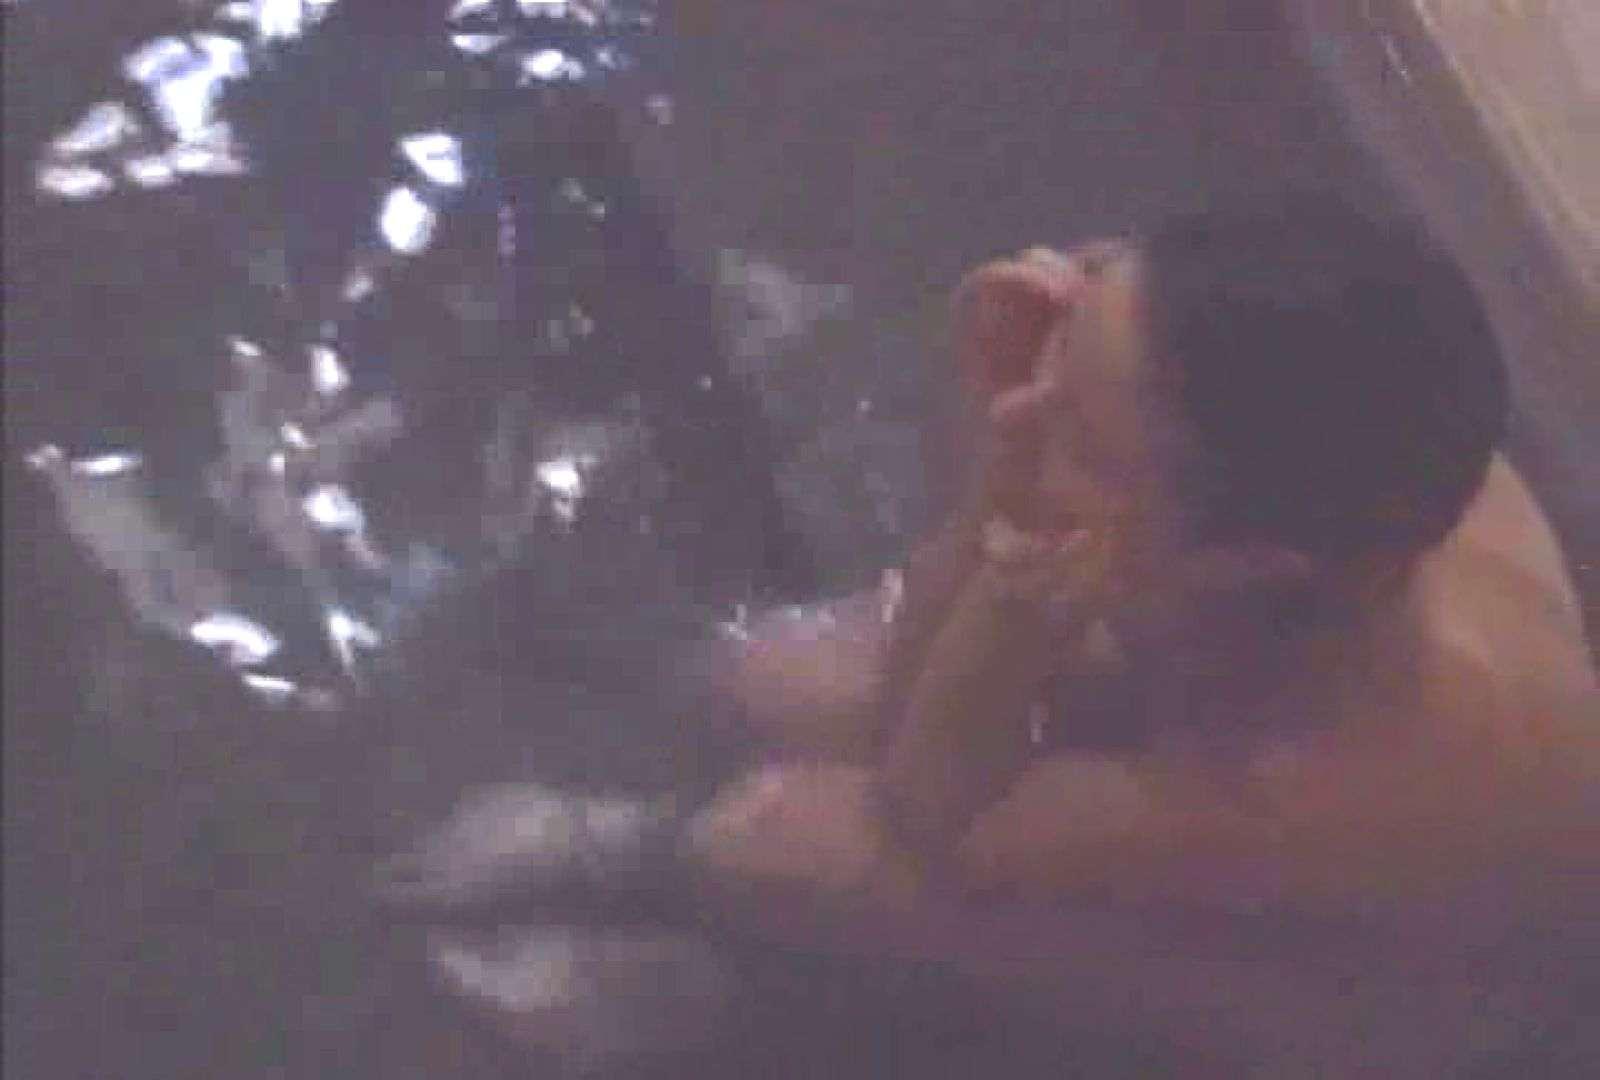 素人投稿シリーズ 盗撮 覗きの穴場 大浴場編  Vol.2 HなOL 盗撮動画紹介 112pic 44